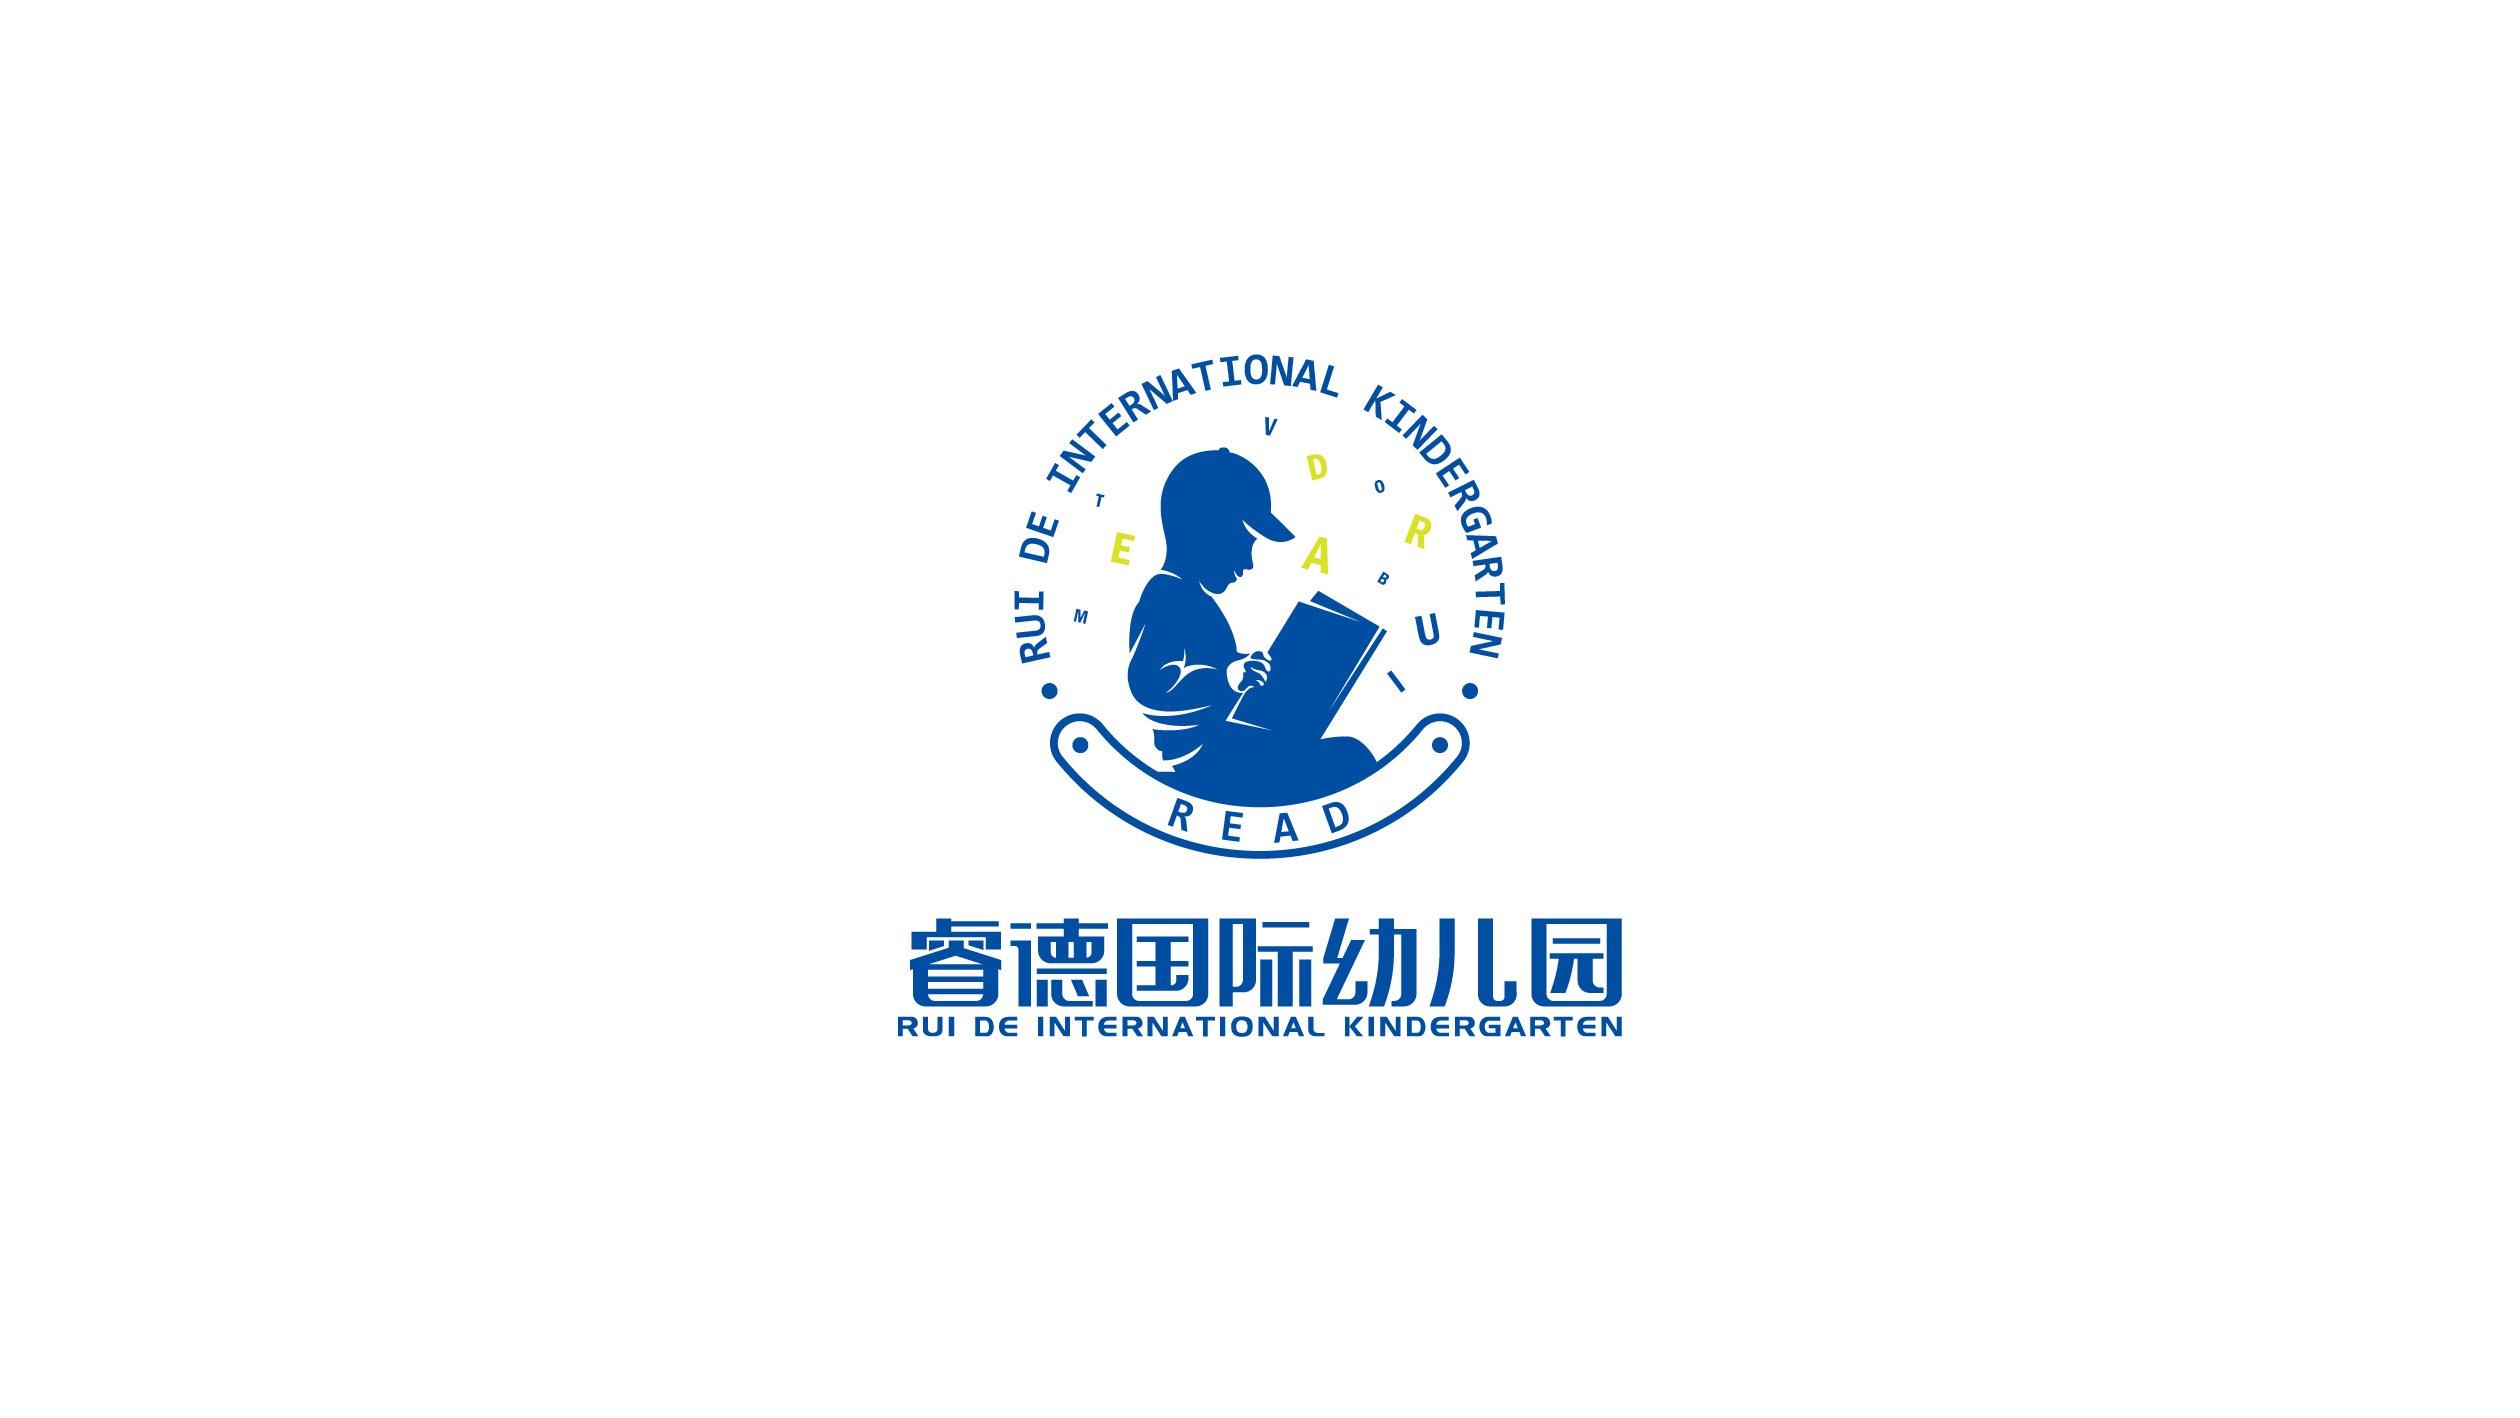 睿德国际幼儿园LOGO万博手机官网